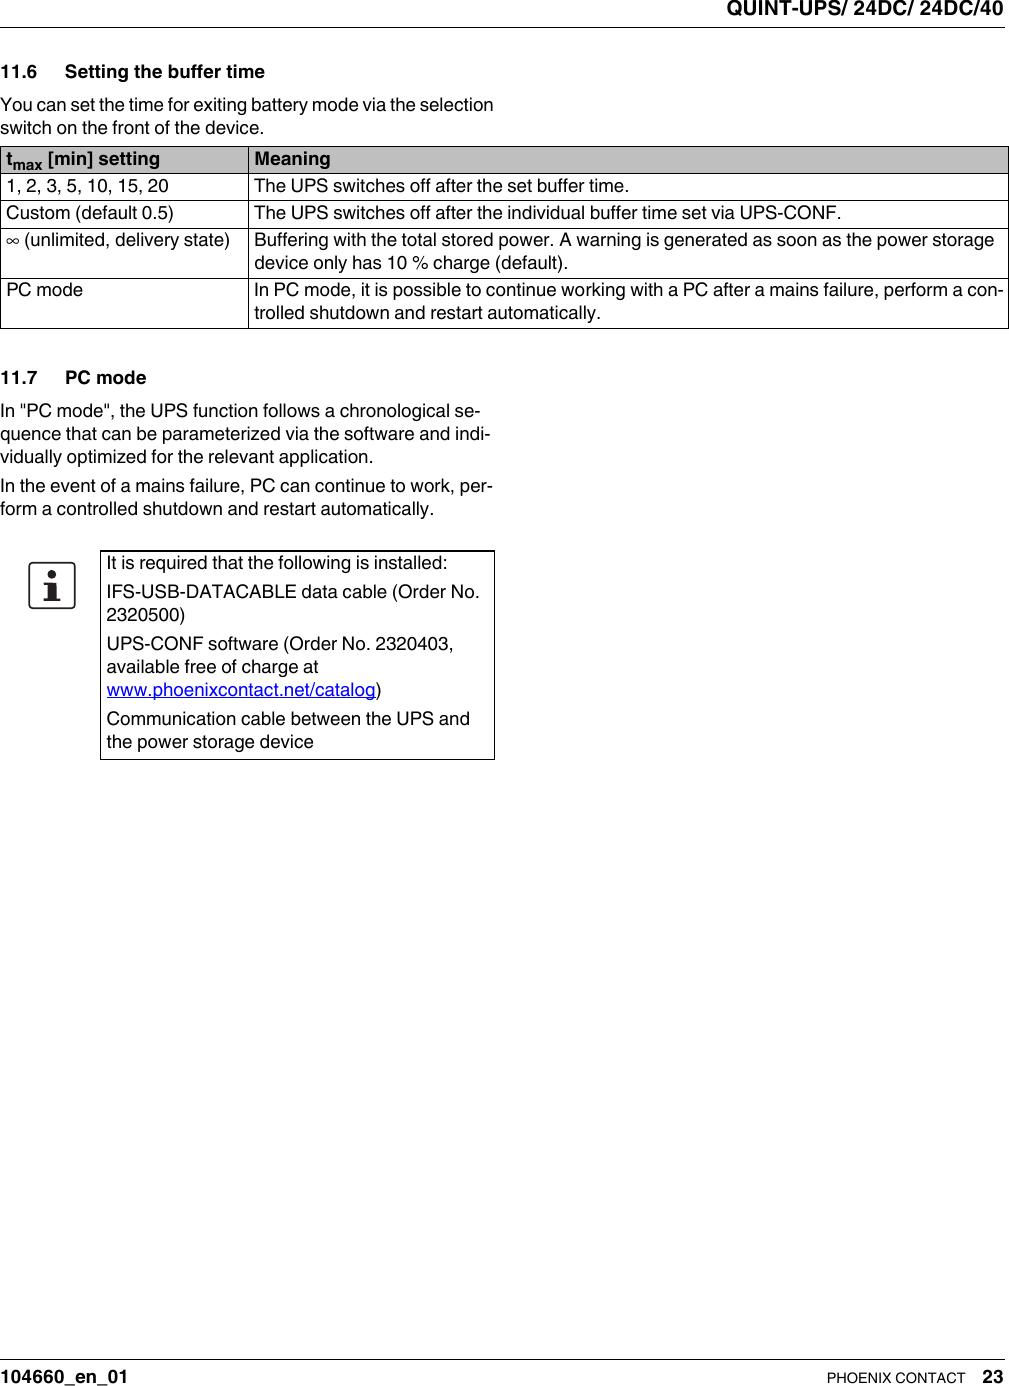 Datenblatt DB EN QUINT UPS/ 24DC/ 24DC/40 Brochure